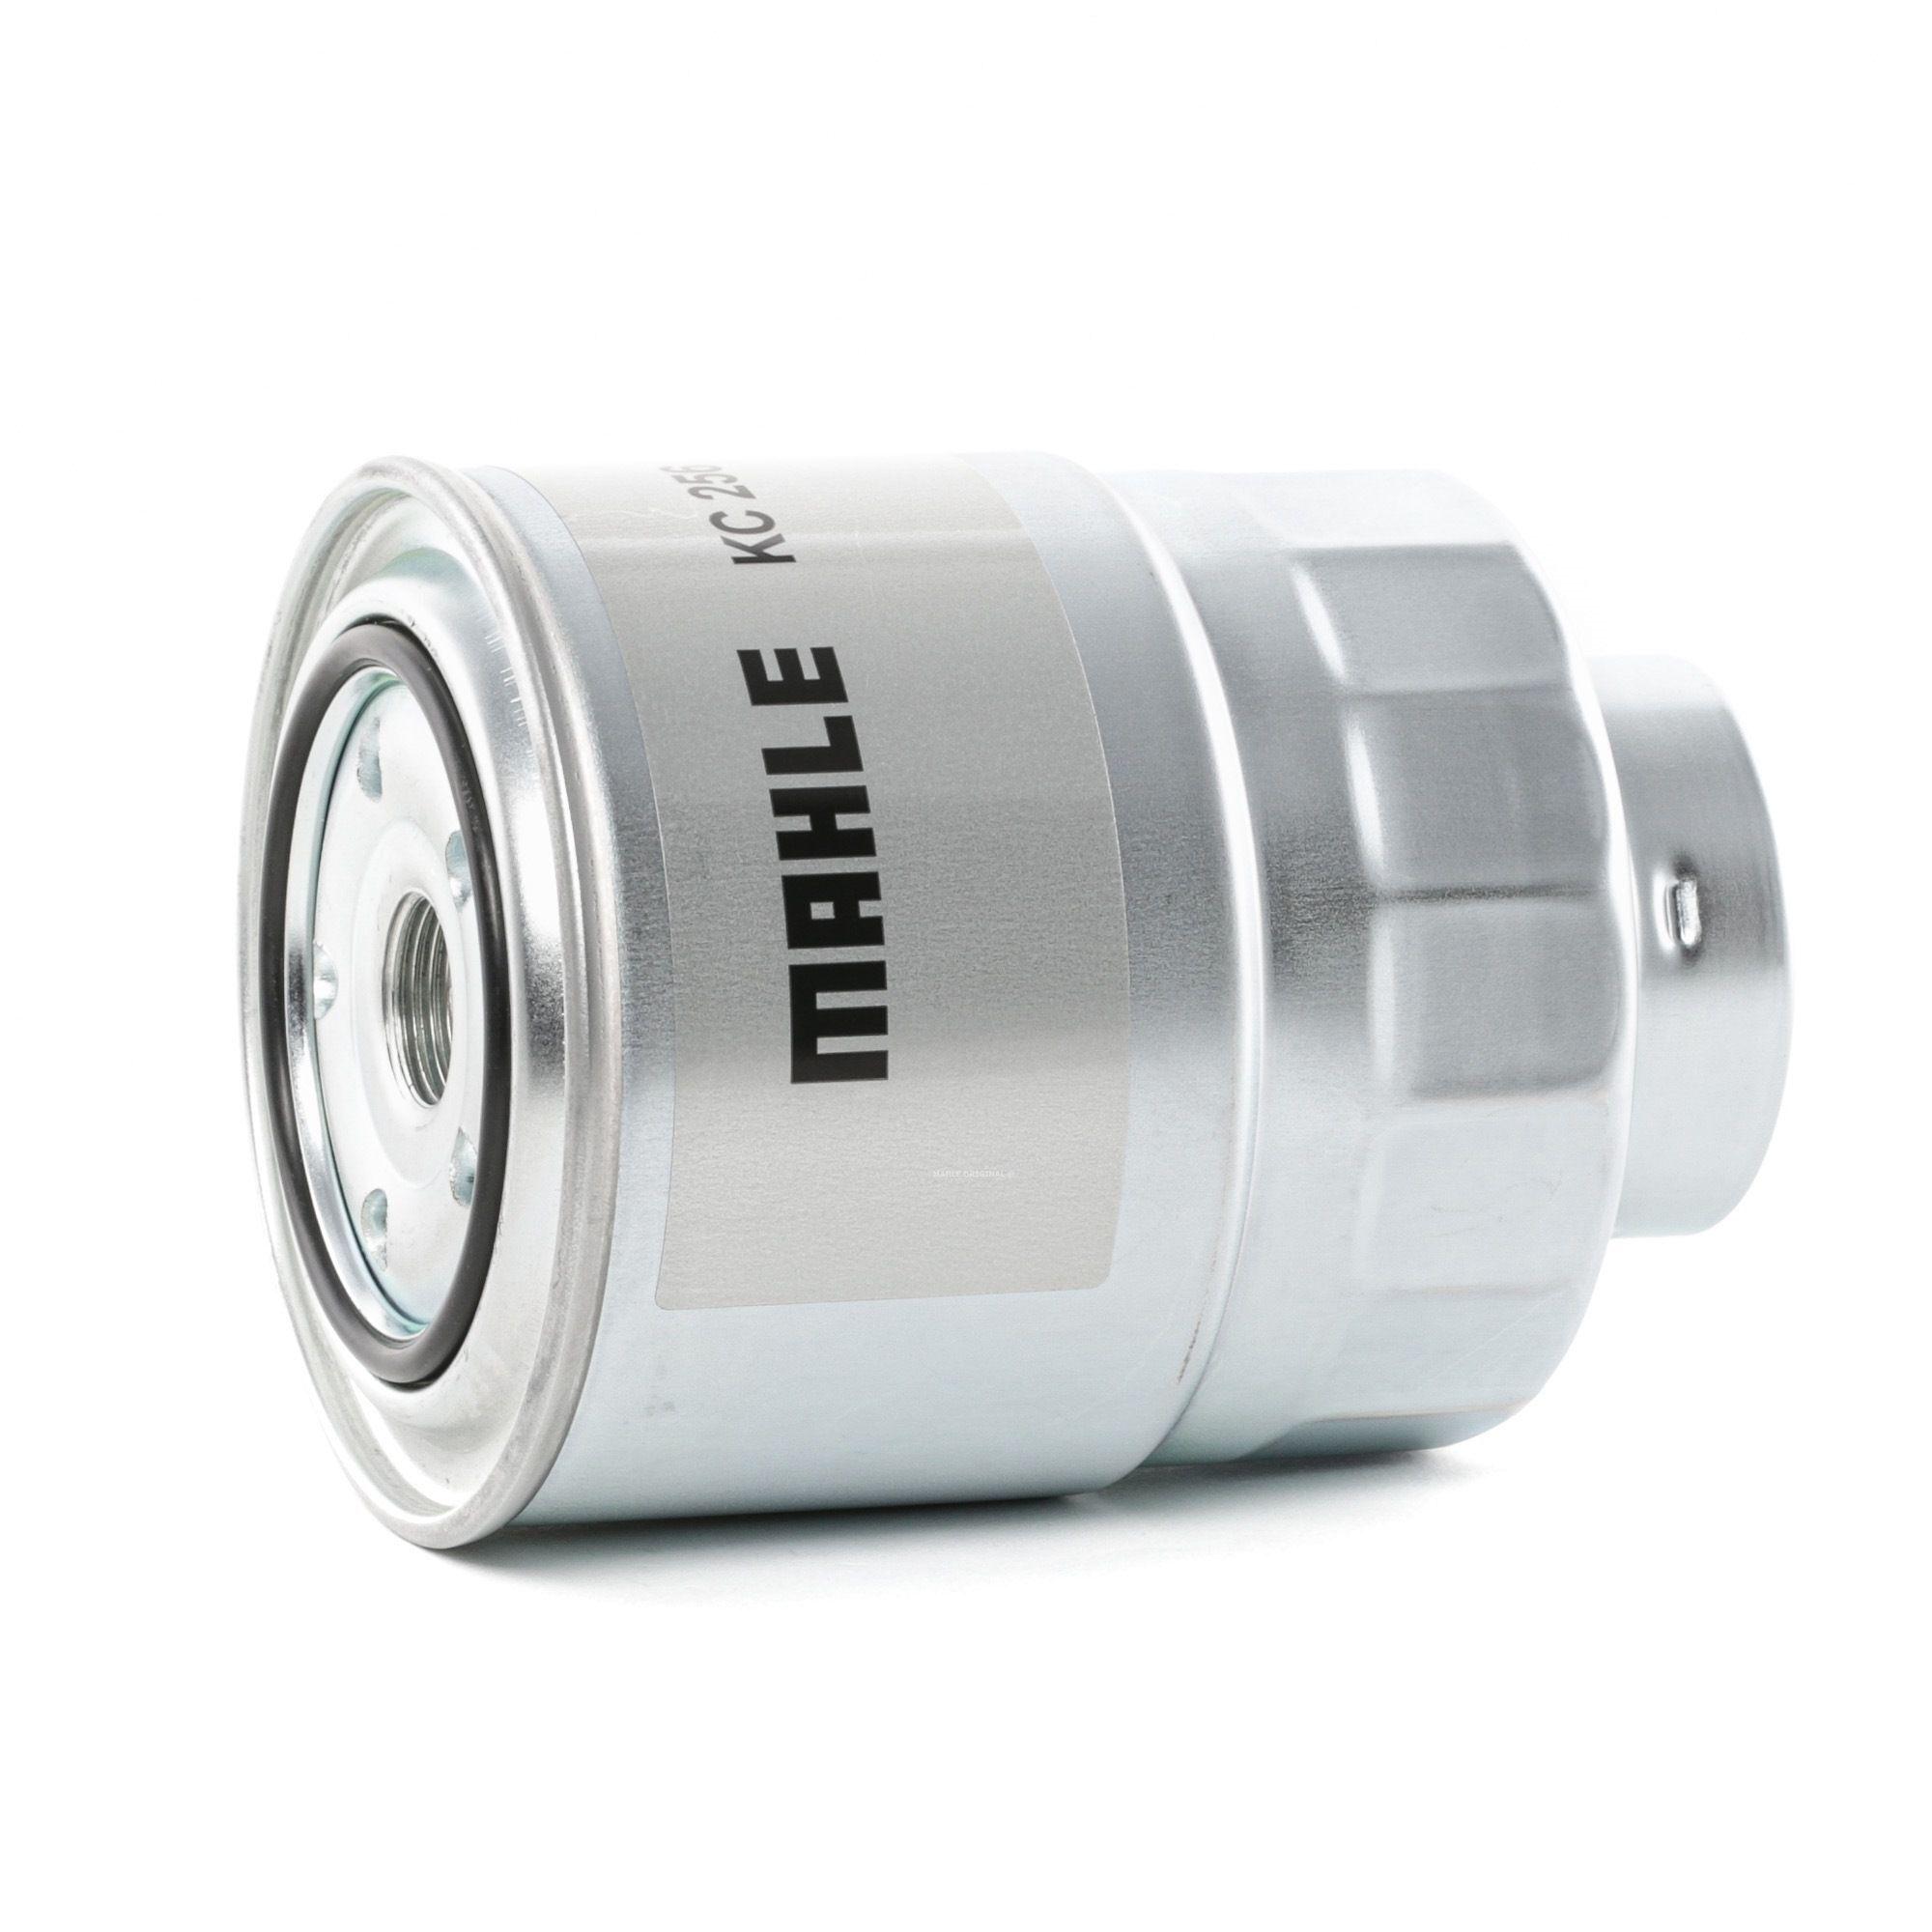 MAHLE ORIGINAL Filtre à Carburant HONDA KC 256D 16901RJLE01,16901RMAE00,16901RMAE01 Filtre Fuel